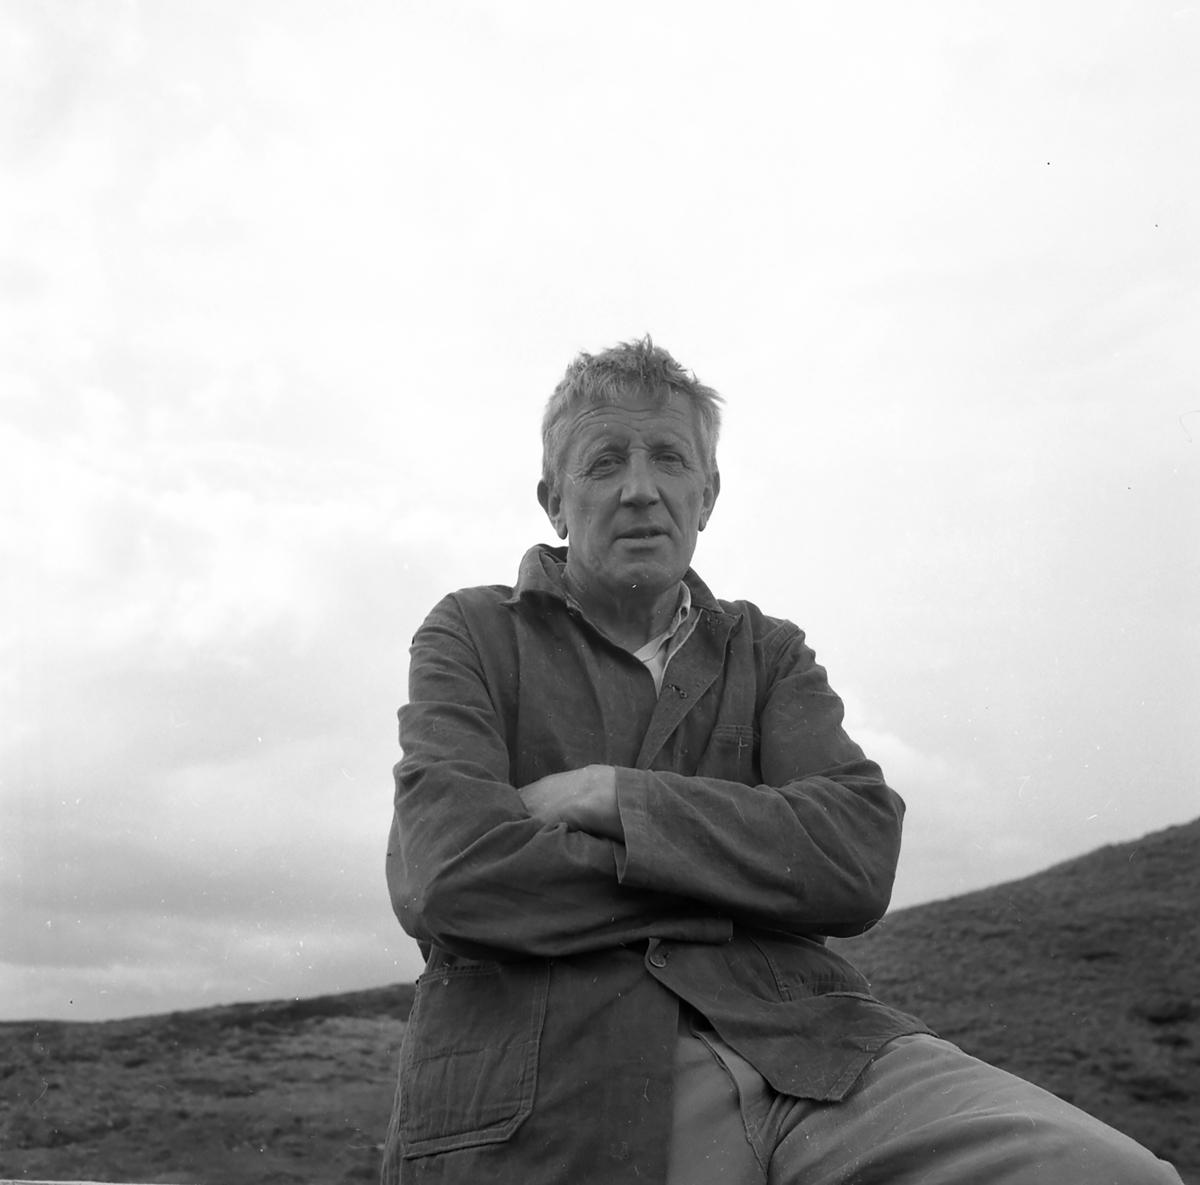 Fra hesteslepp på Bekkelegeret i Folldalsfjellene,Oppdal 1960